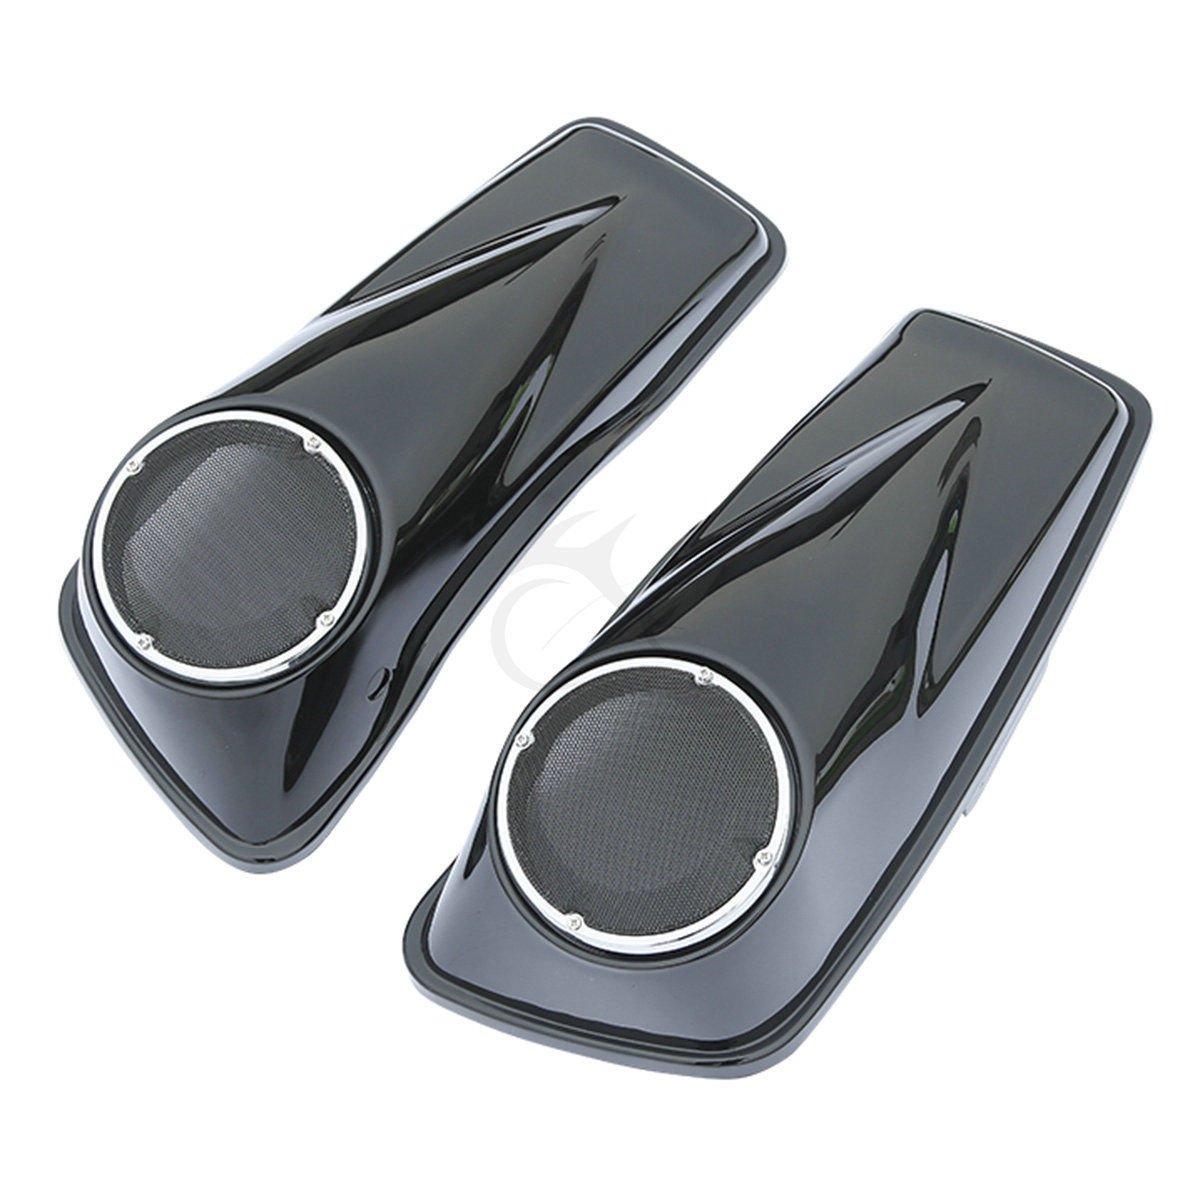 XFMT Stretched 6.5 Speaker Extended Saddlebag Compatible with Harley Davidson Touring 14-19 18 17